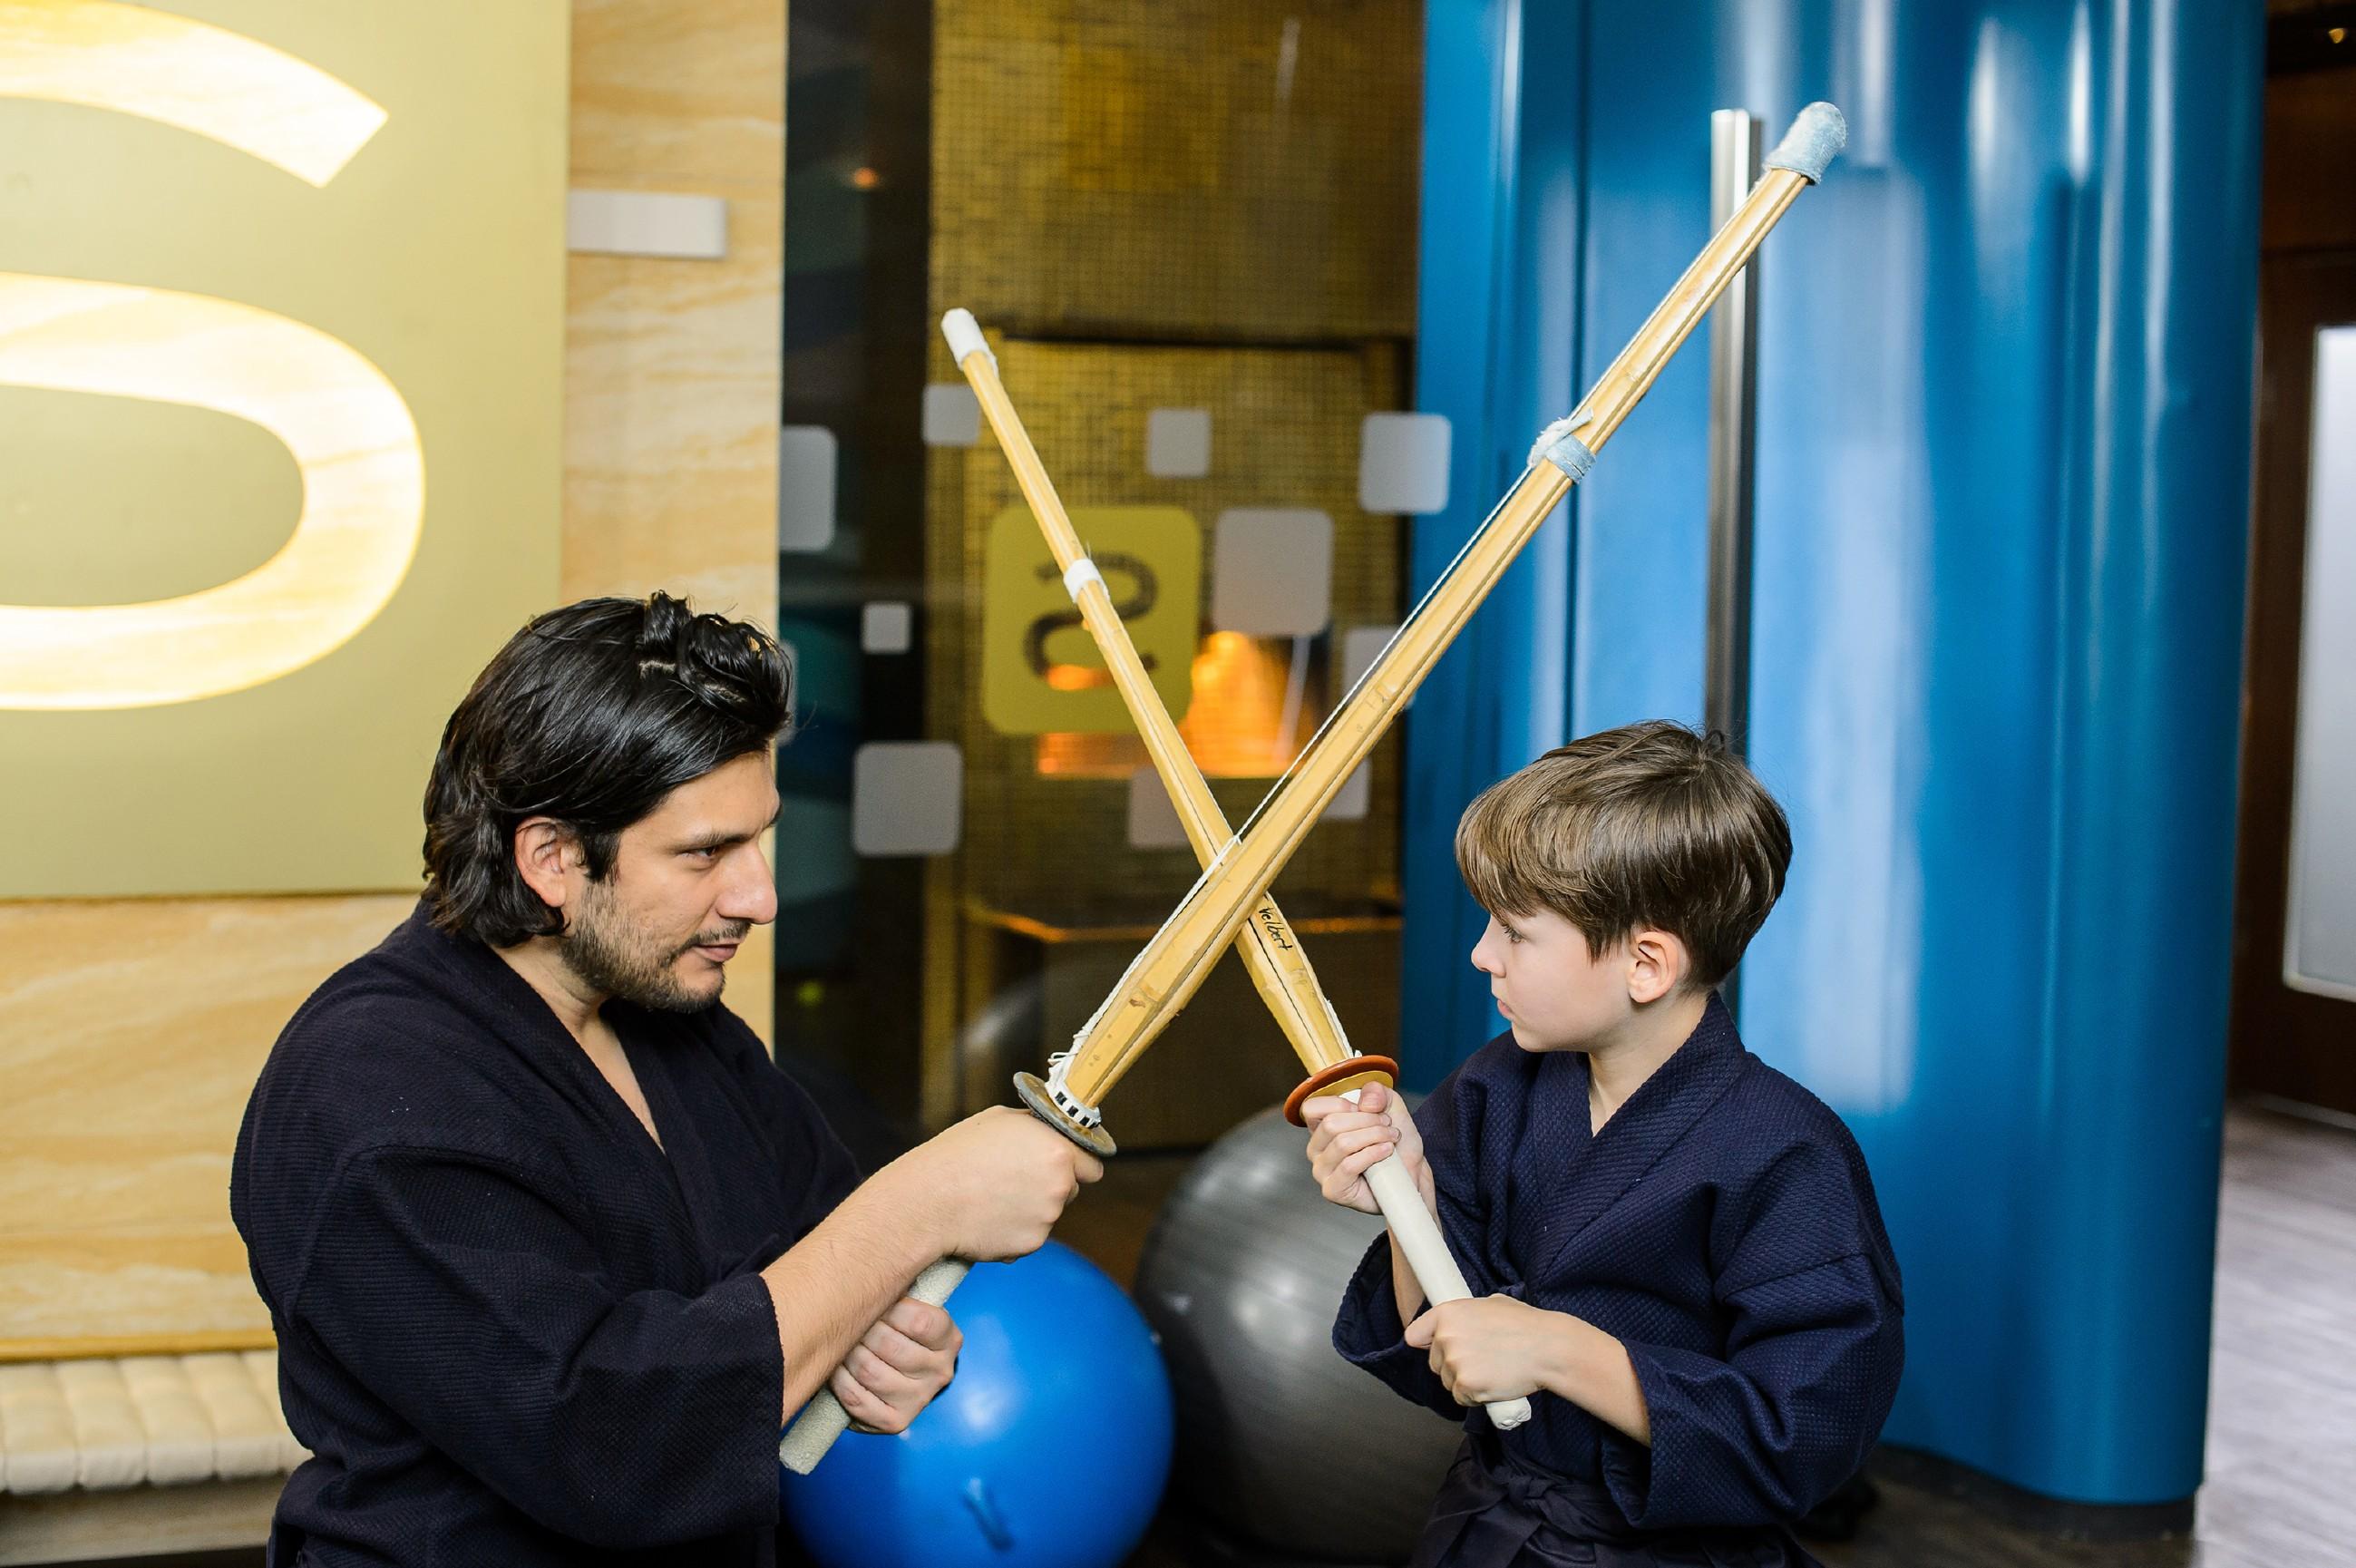 Maximilian (Francisco Medina, l.) genießt die Kendo-Übungseinheit mit seinem Sohn Alexander (Ralf-Maximilian Prack) und ist fest entschlossen, alles dafür zu tun, um nicht wieder ins Gefängnis zu müssen.(Quelle: RTL / Willi Weber)